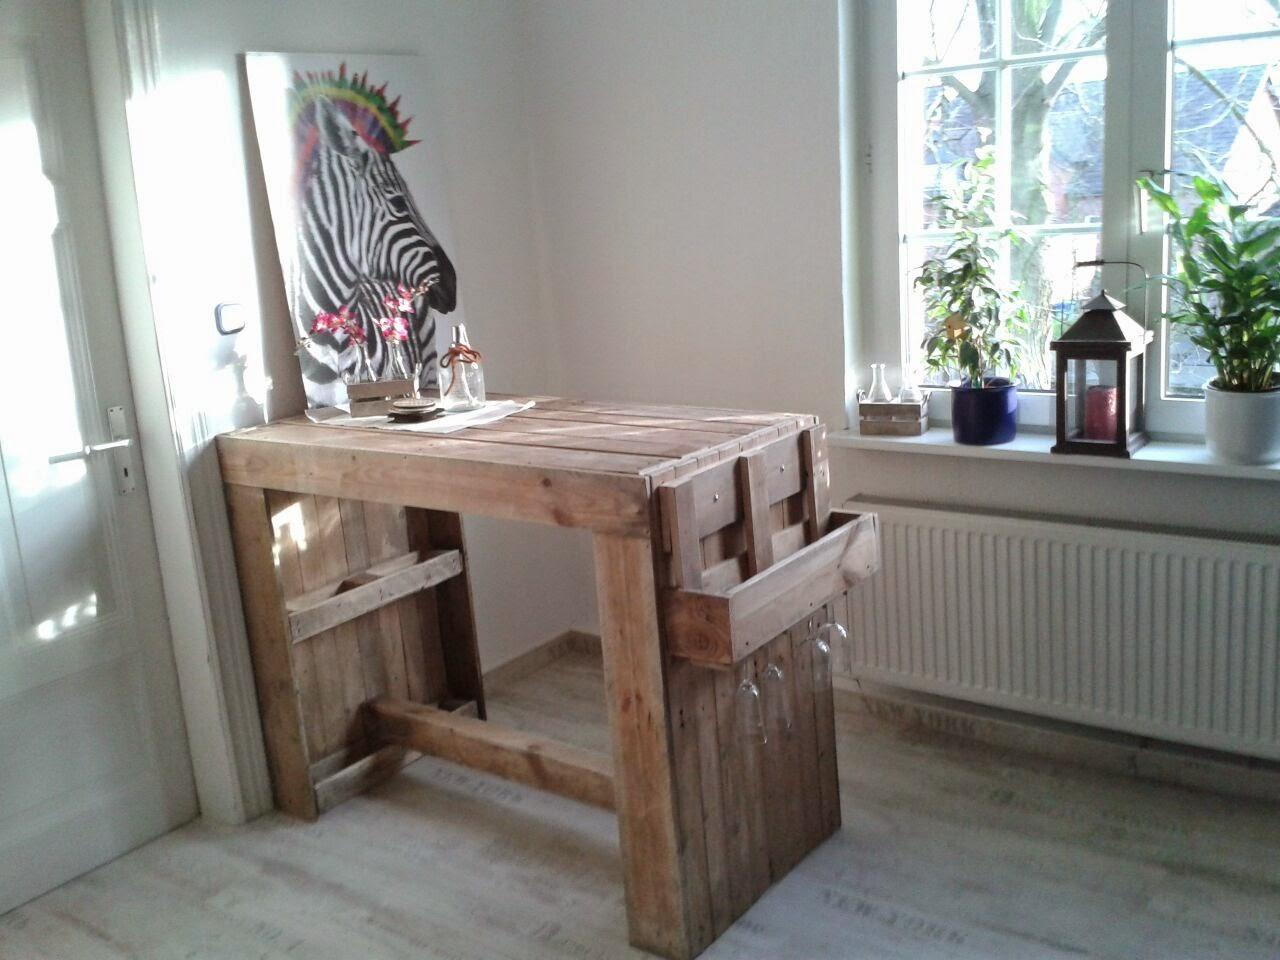 Sie Ist Sonst Eher Modern Eingerichtet Und Ich Finde, Dieser Tisch Aus  Alten Paletten Ist Ein Wundervoller Stilbruch, ...